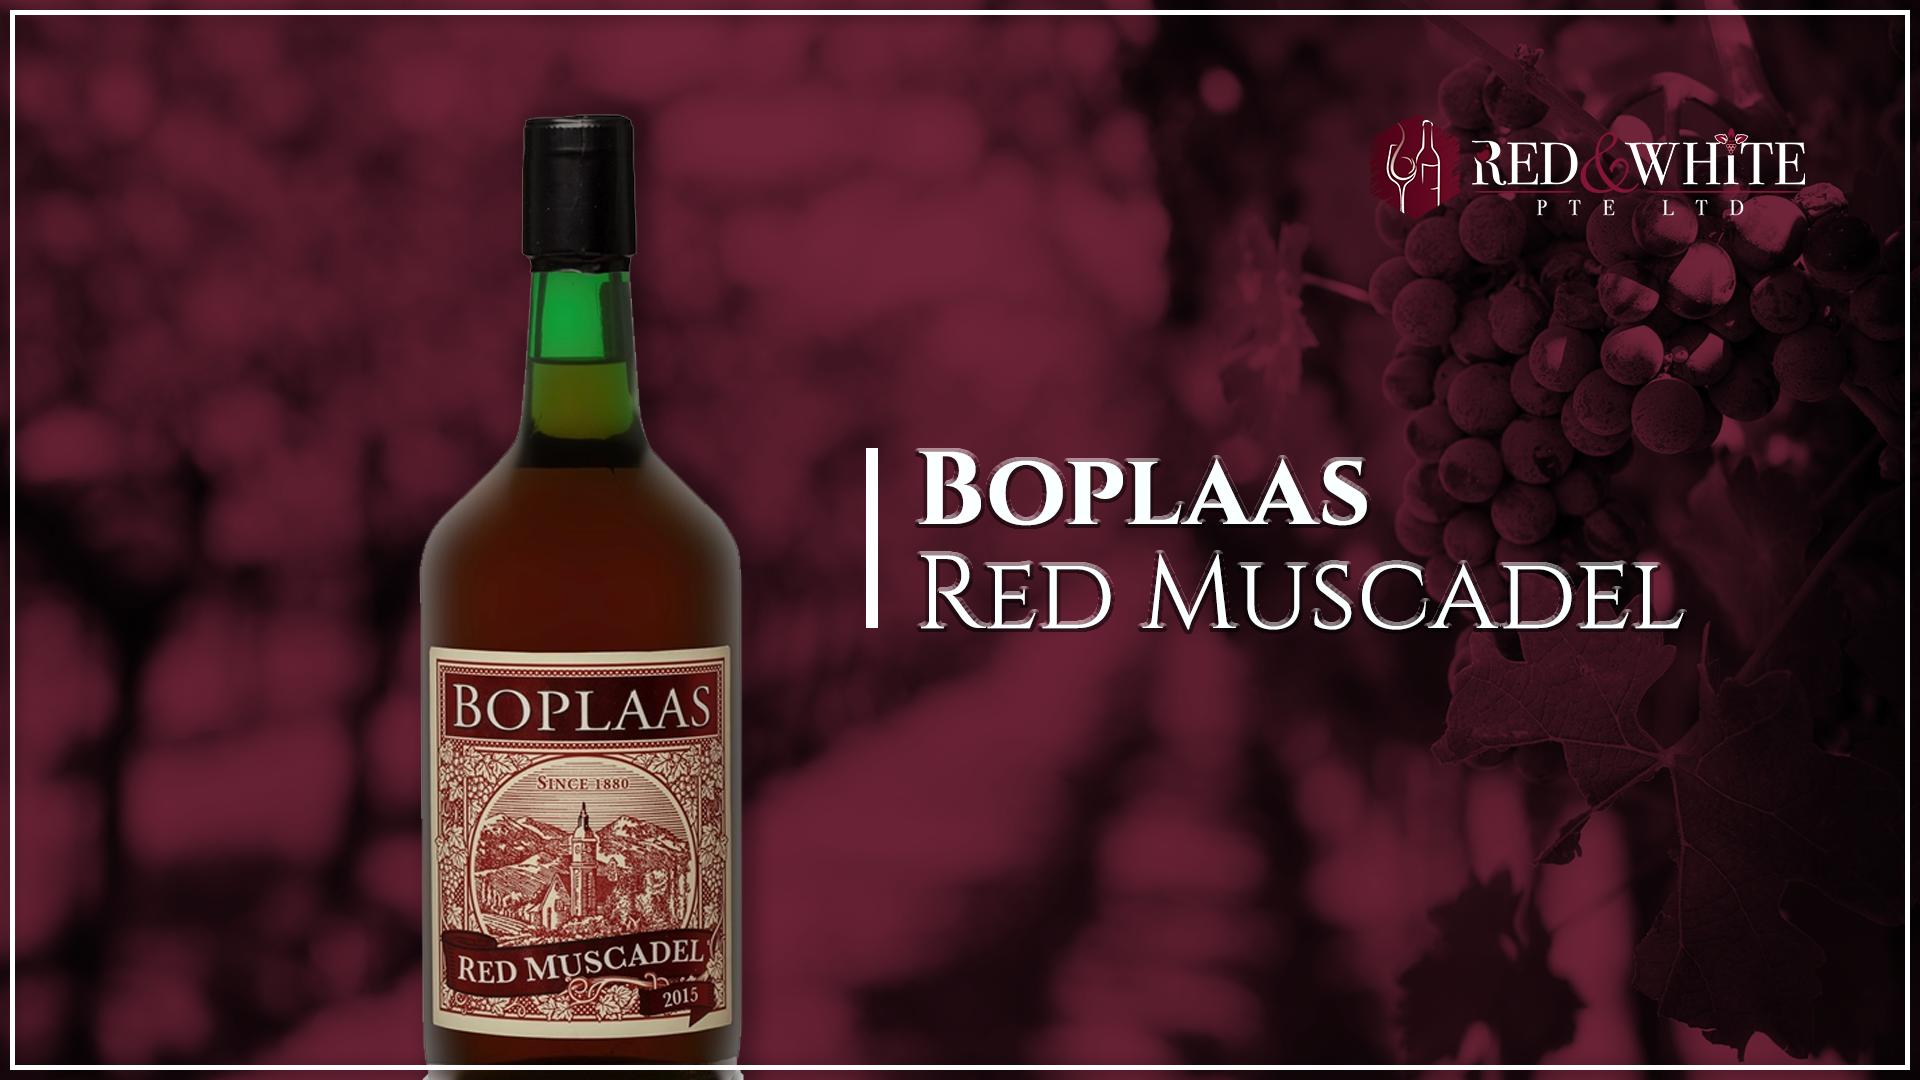 Boplaas Red Muscadel